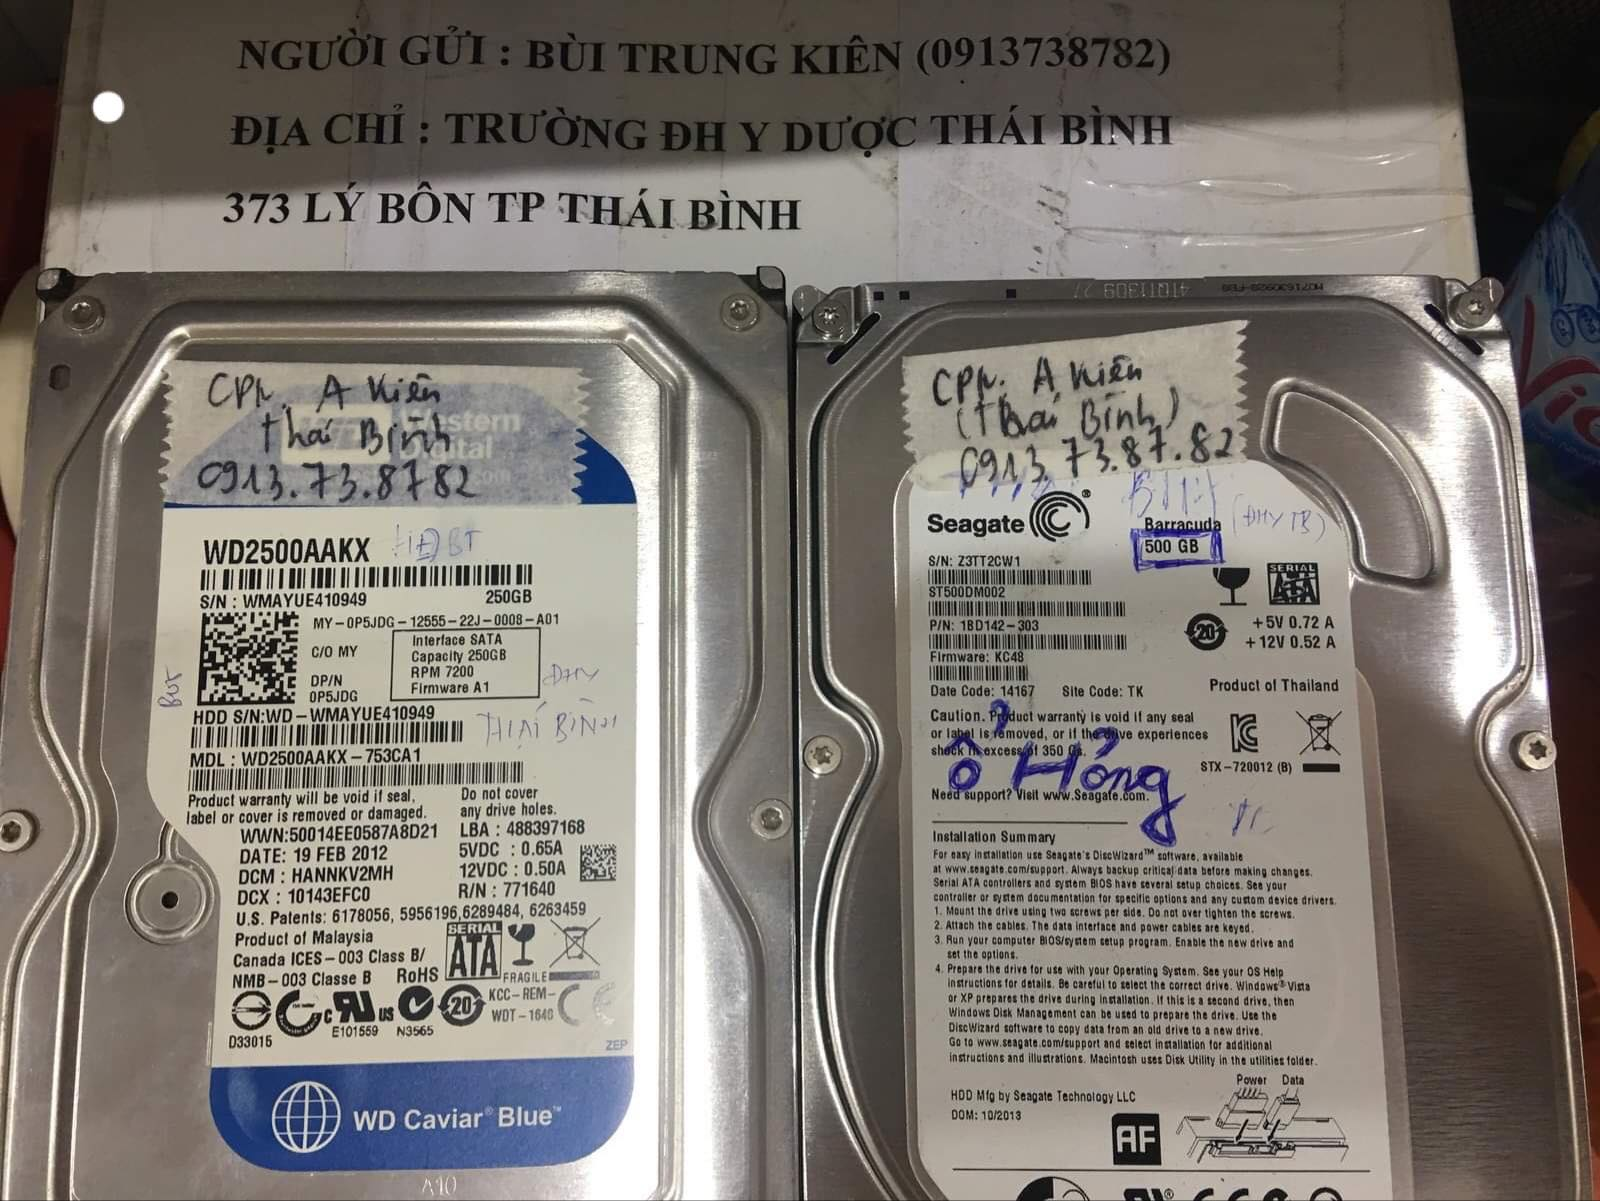 Khôi phục dữ liệu ổ cứng Seagate 500GB lỗi đầu đọc tại Thái Bình 07/12/2019 - cuumaytinh